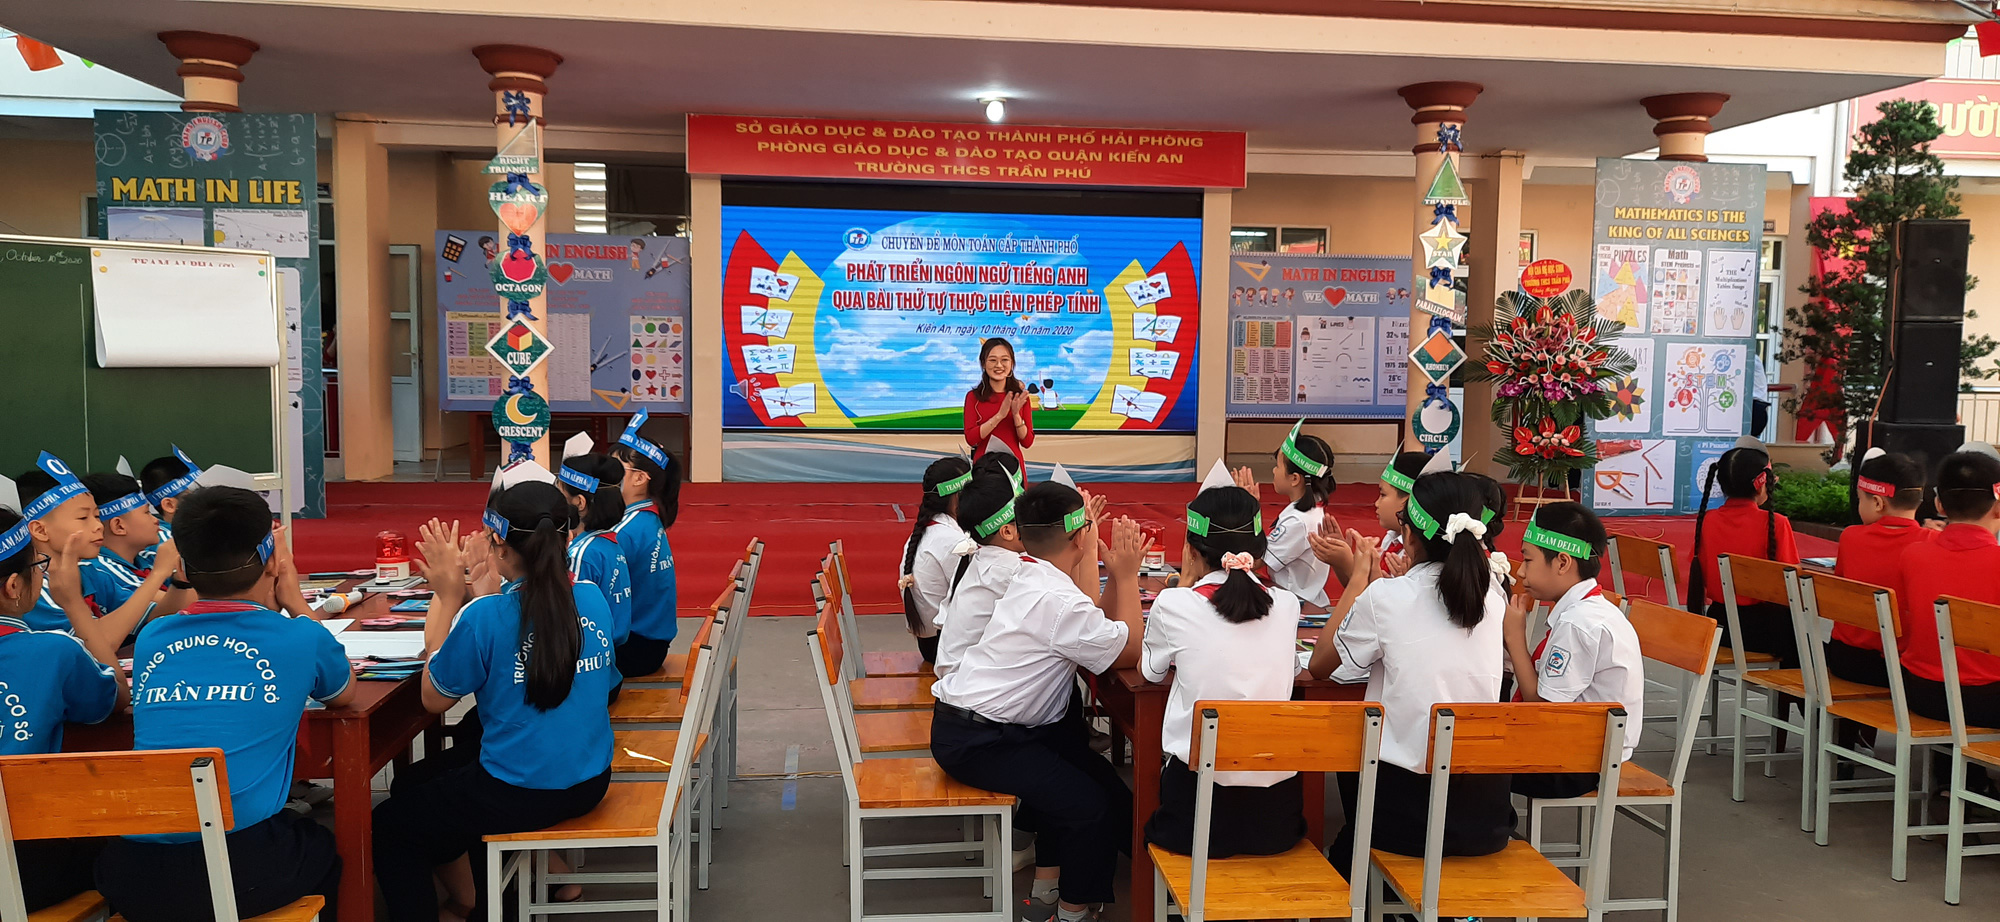 Hải Phòng: Tổ chức hội thảo chuyên đề dạy Toán bằng Tiếng Anh - Ảnh 6.